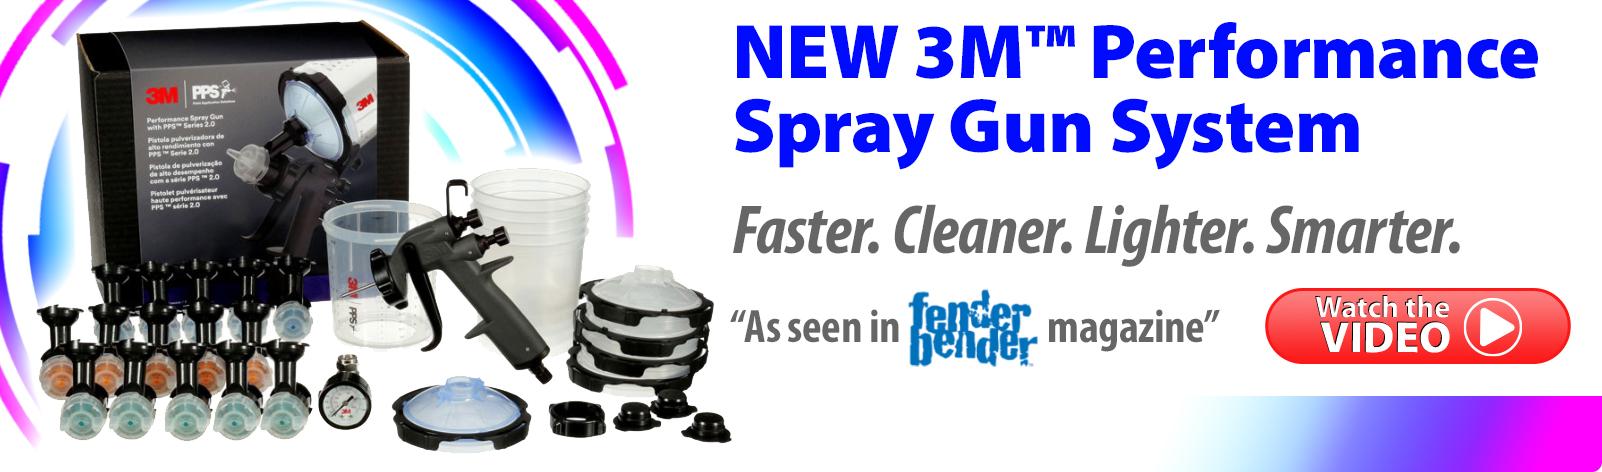 Faster. Cleaner. Lighter. Smarter.